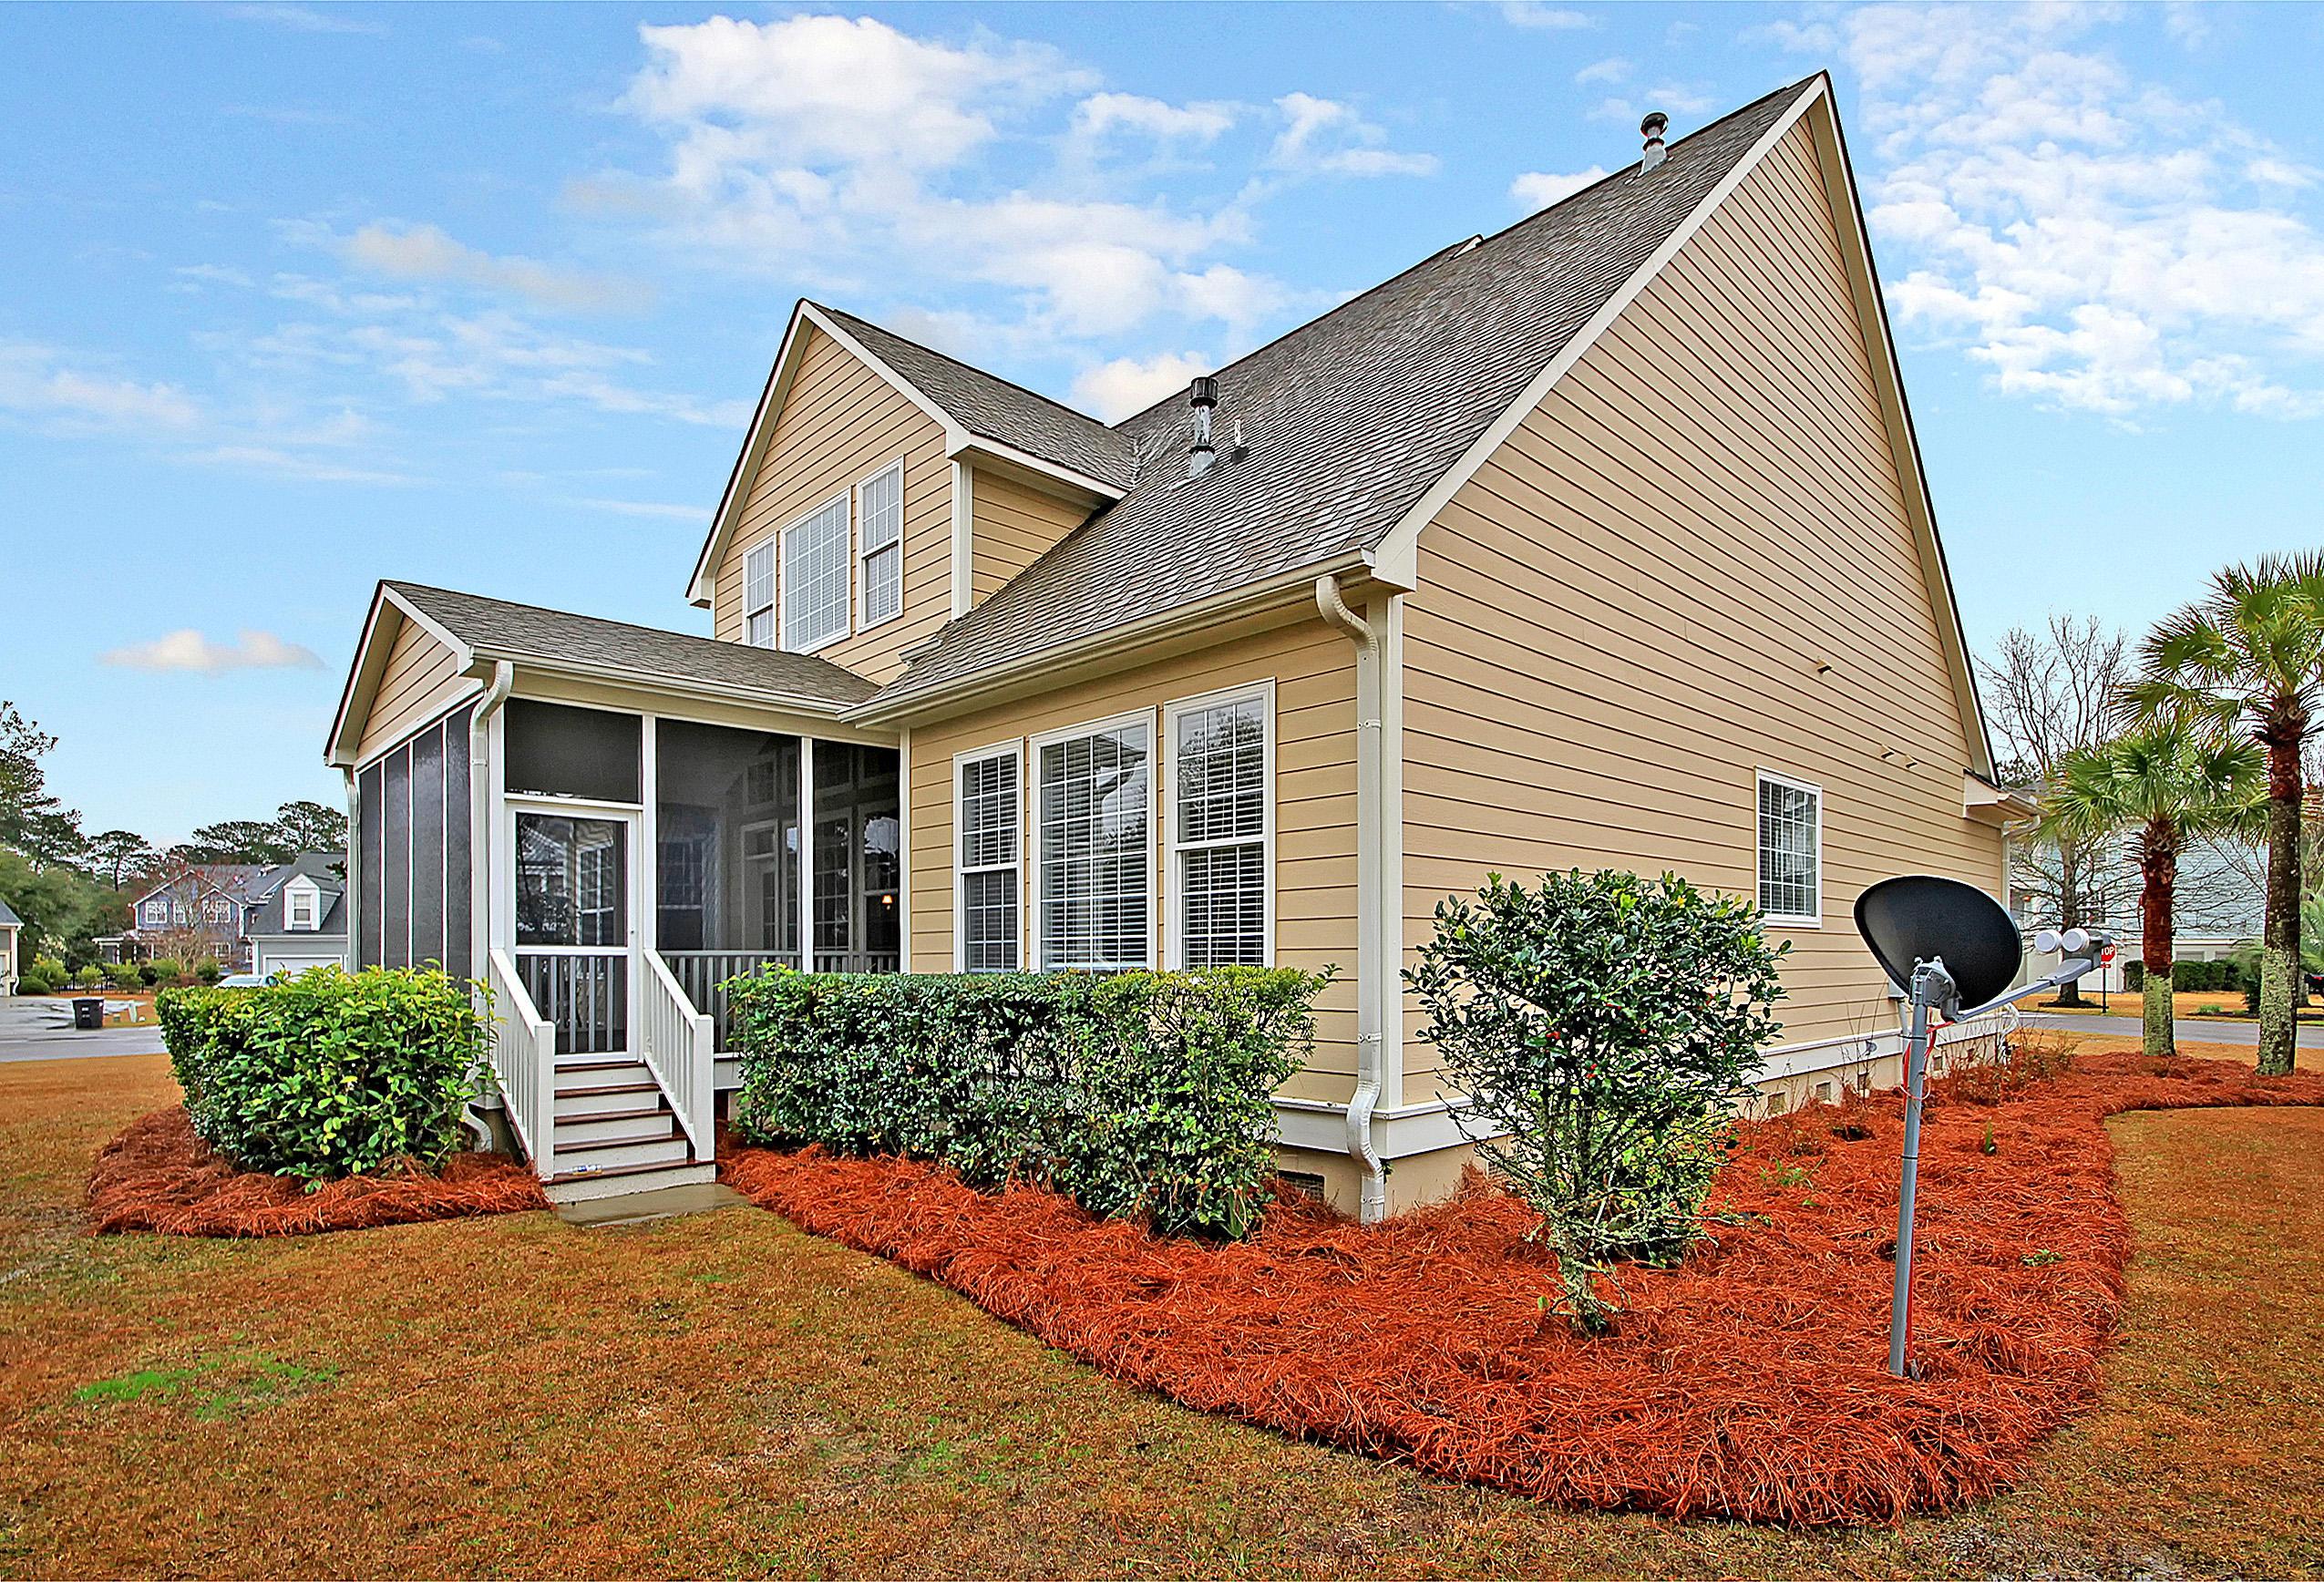 Dunes West Homes For Sale - 1501 Jacaranda, Mount Pleasant, SC - 19